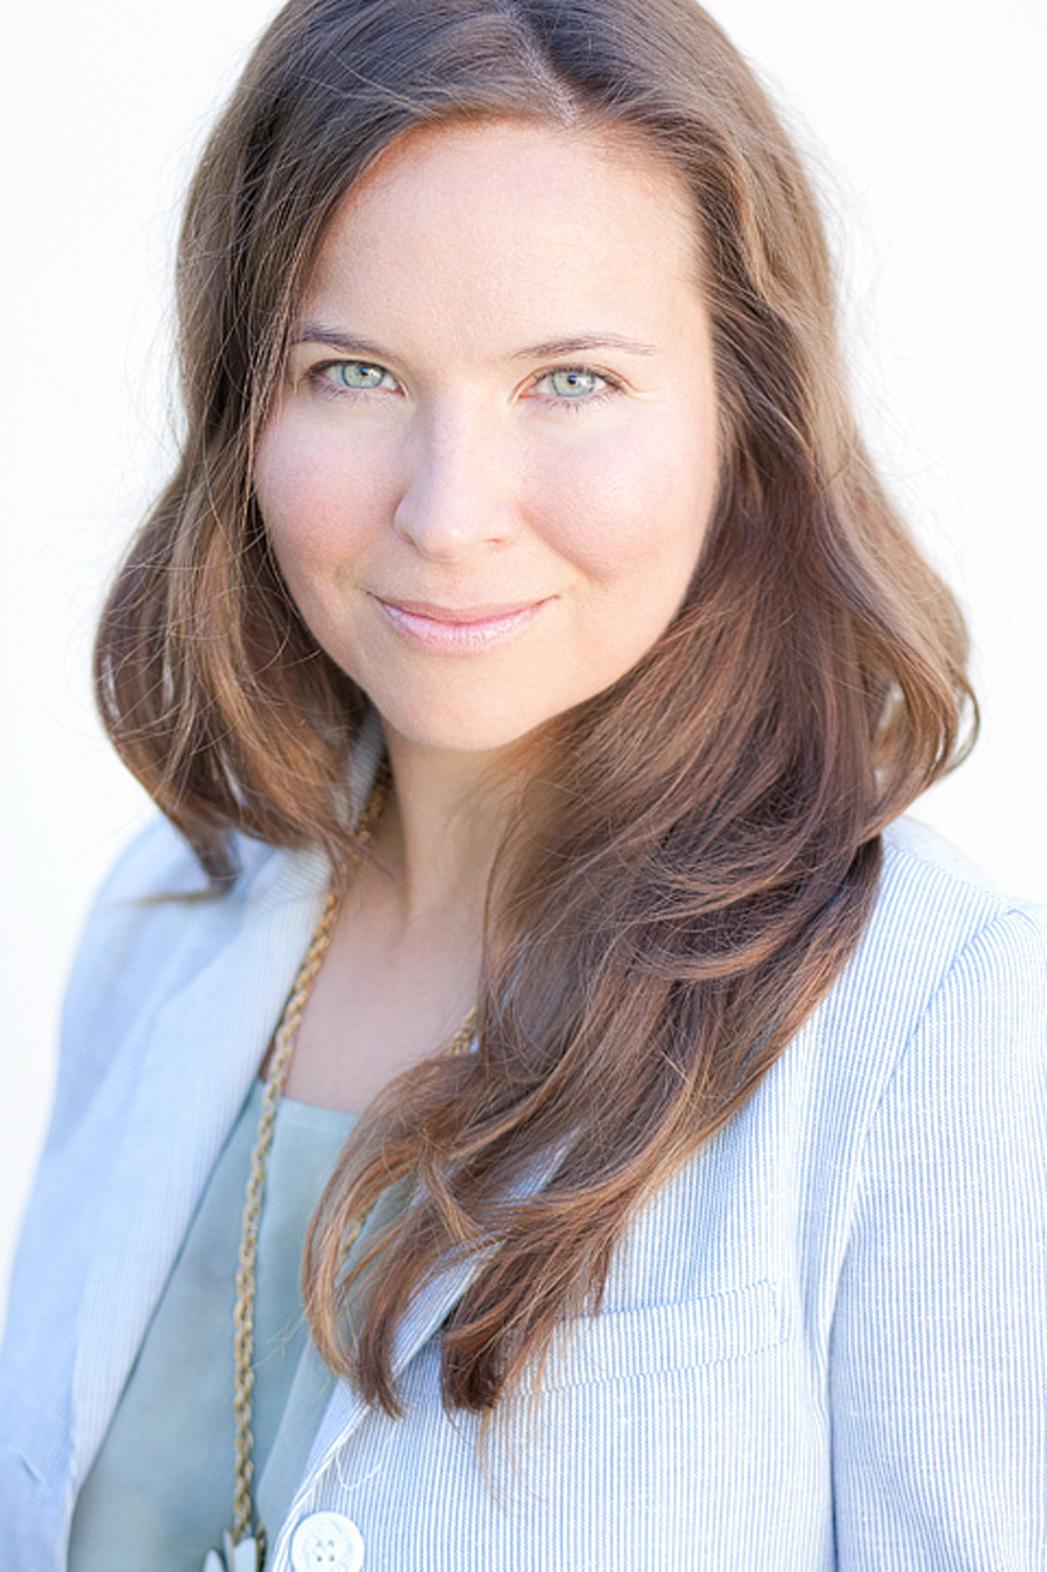 Rachel Eggbeen Headshot - P 2013